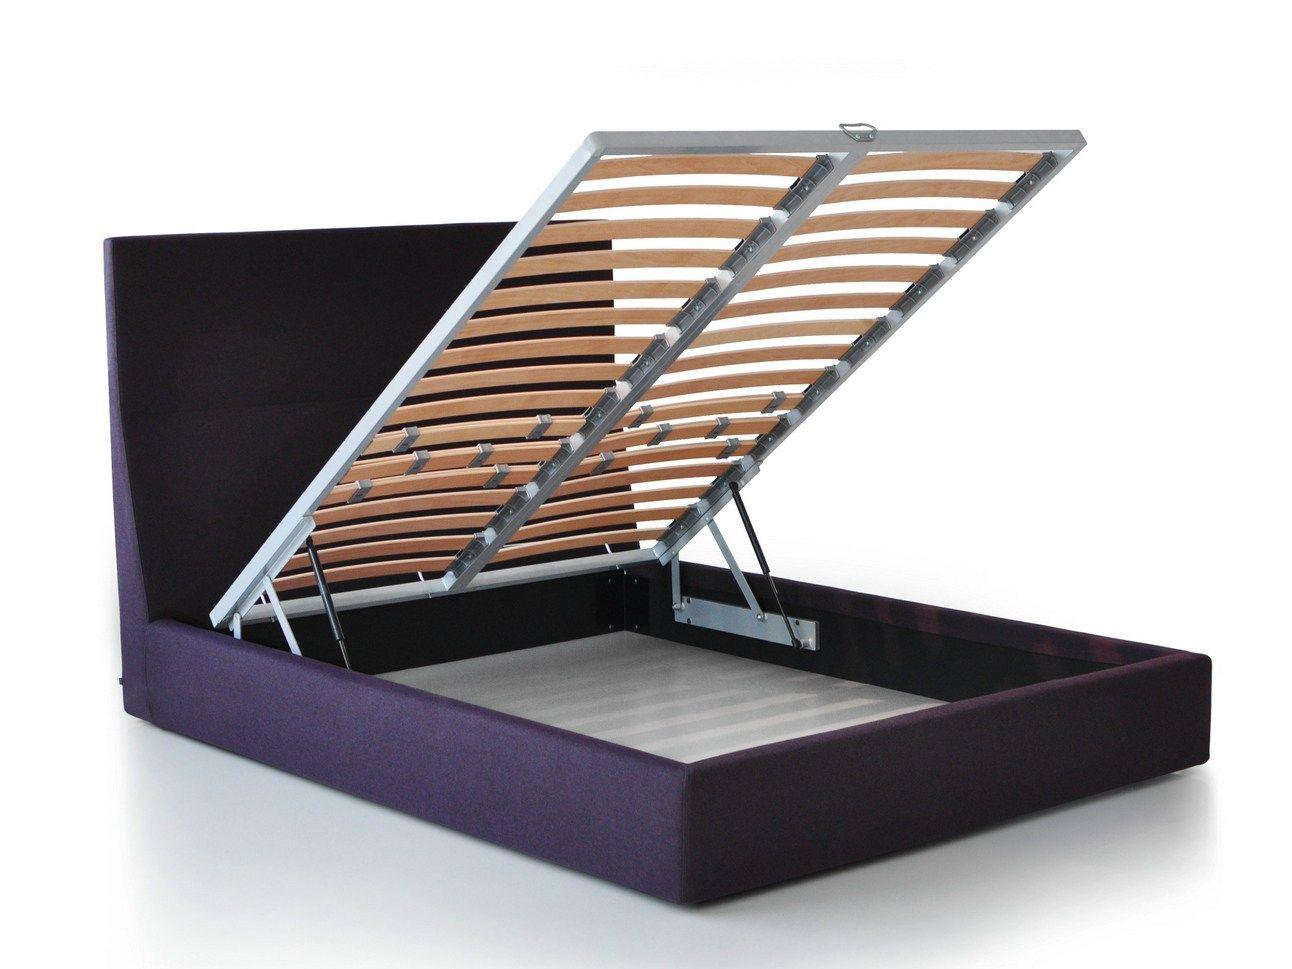 Storage Bed Everest By Bensen